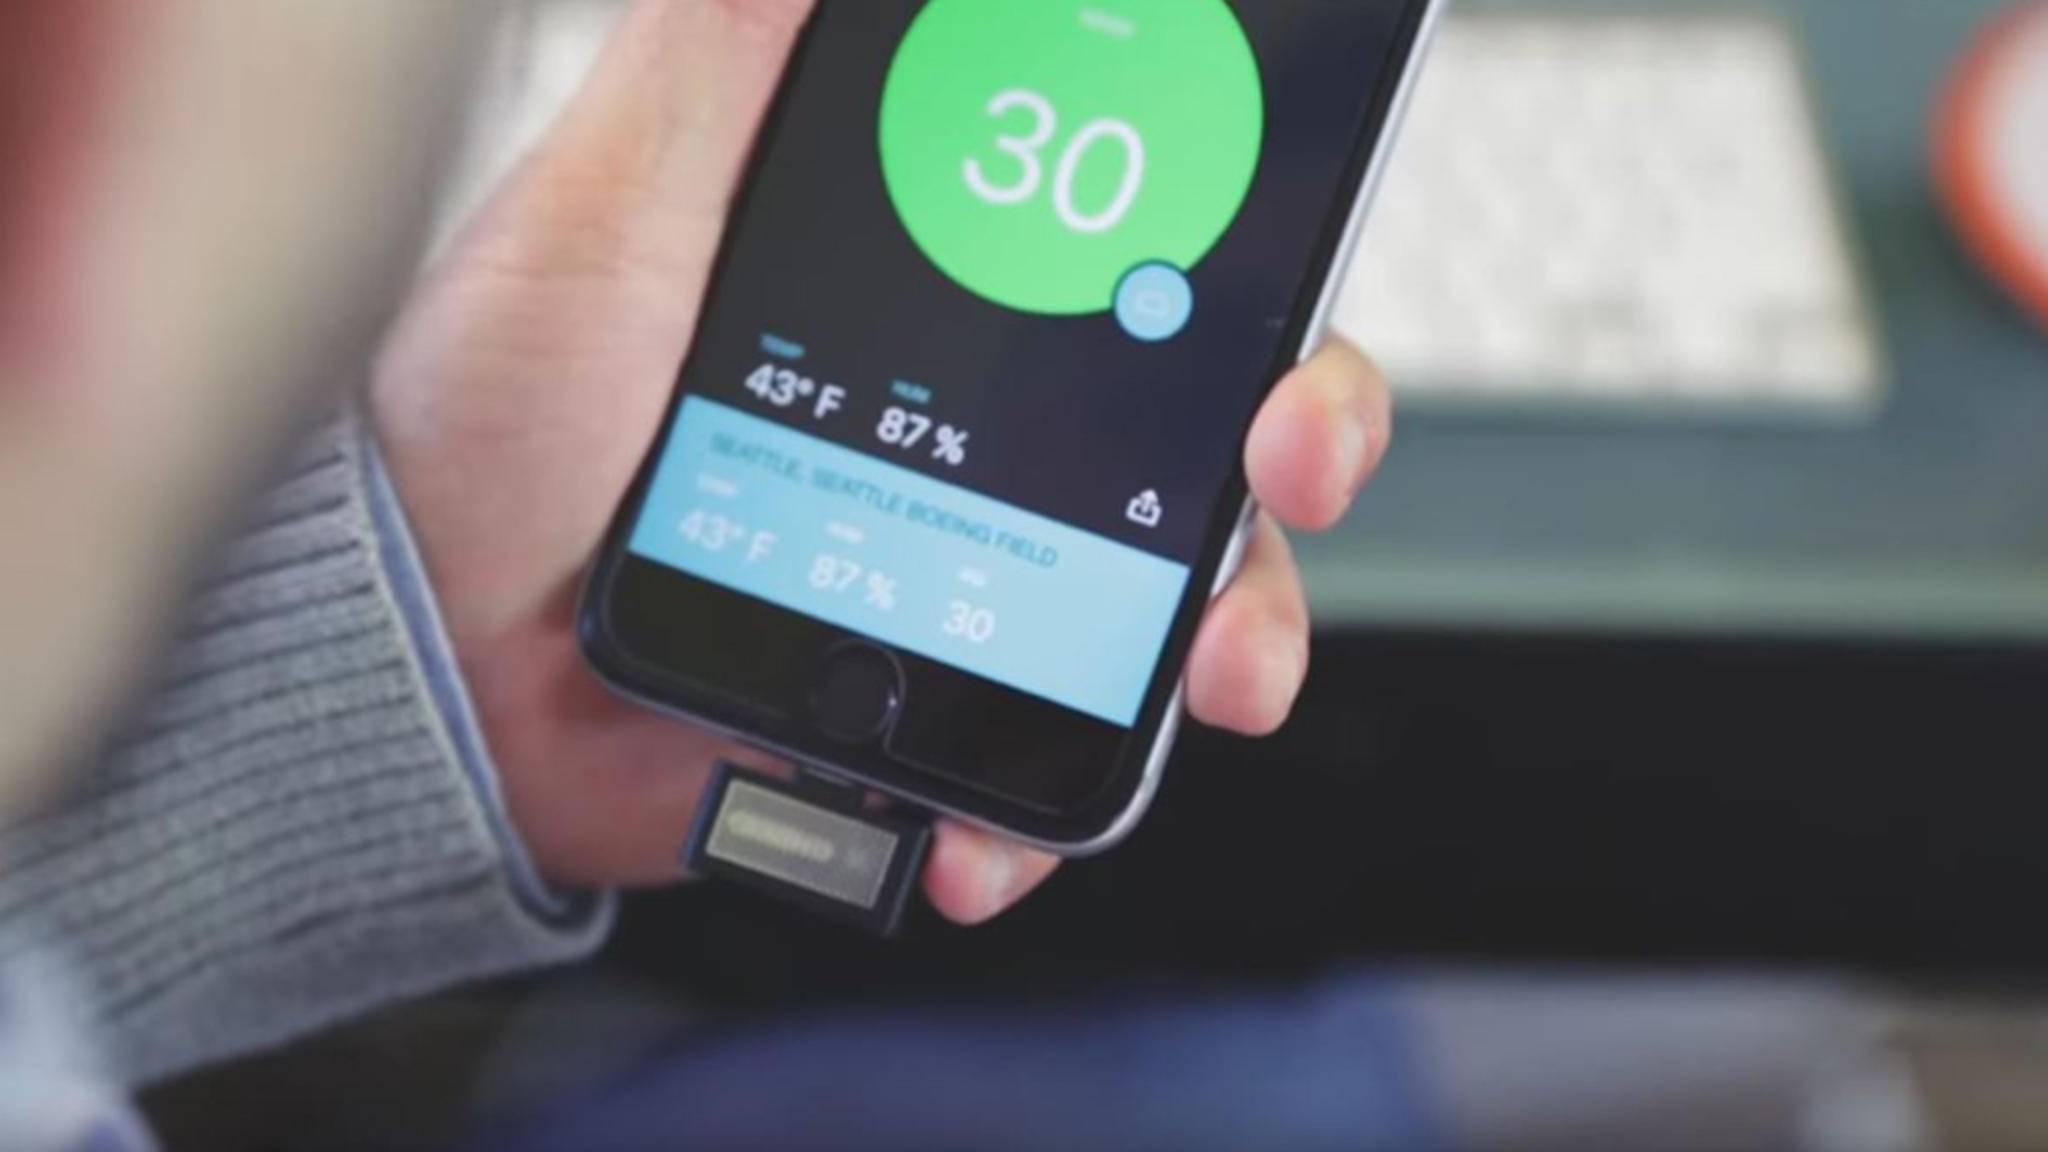 Mit dem Sprimo Air Monitor sollst Du jederzeit und überall entspannt durchatmen können.